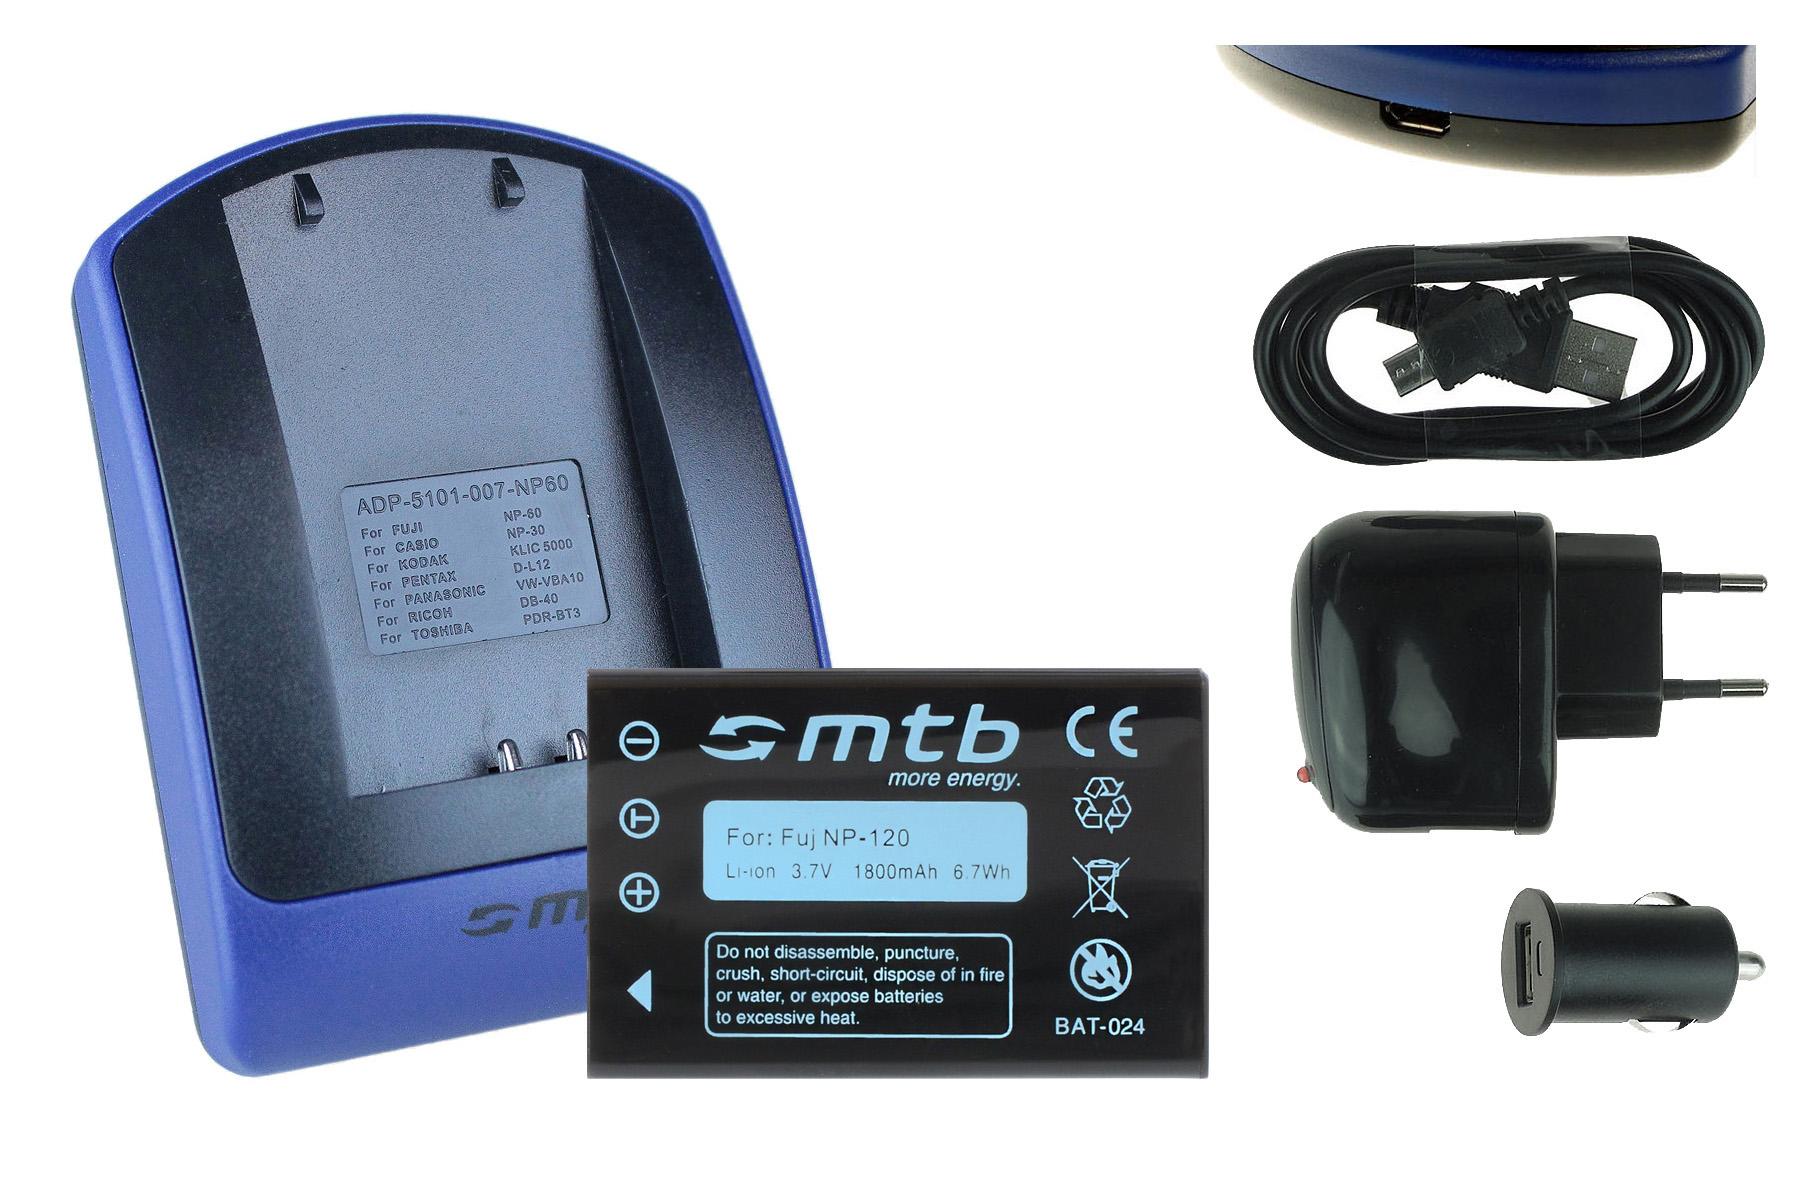 chargeur batterie usb np 120 pour silvercrest scaz a1 lidl ian 67099 ebay. Black Bedroom Furniture Sets. Home Design Ideas